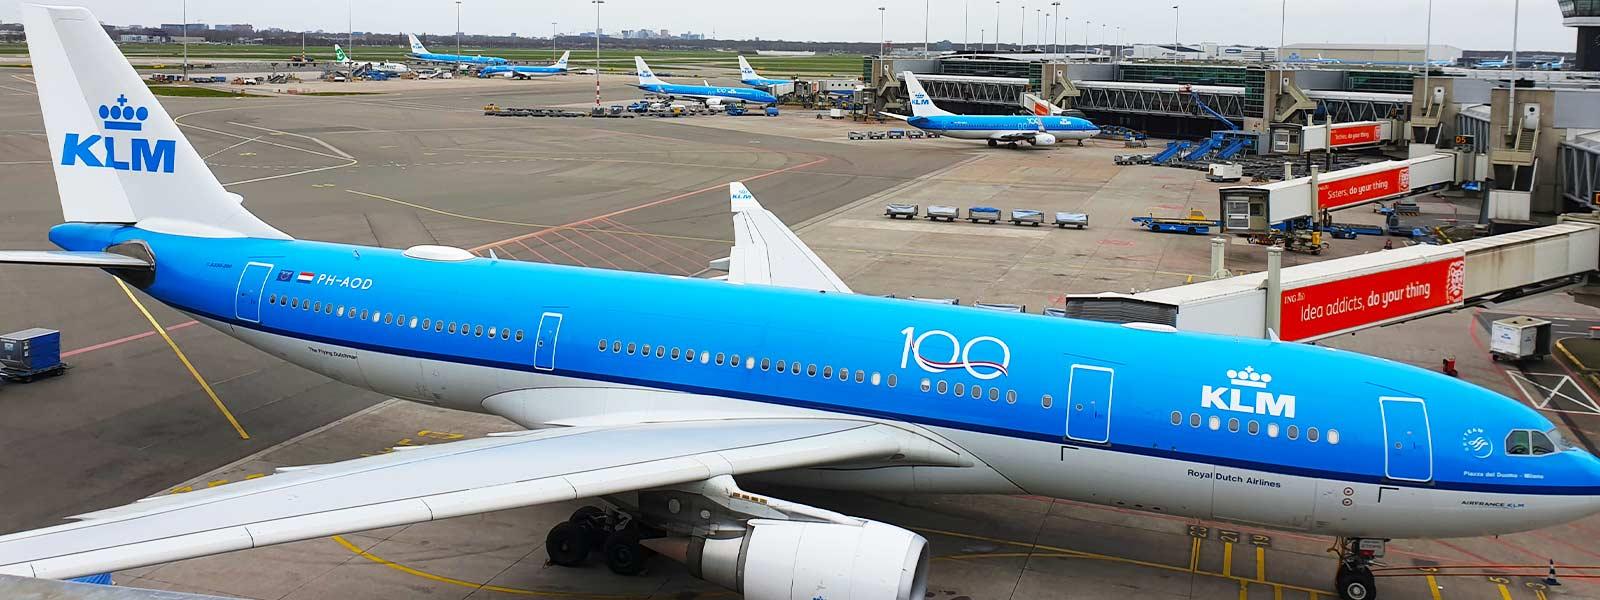 Vliegtuig van KLM aan de pier op Schiphol, ook KLM heeft goedkope vliegtickets tijdens de KLM Werelddeal weken